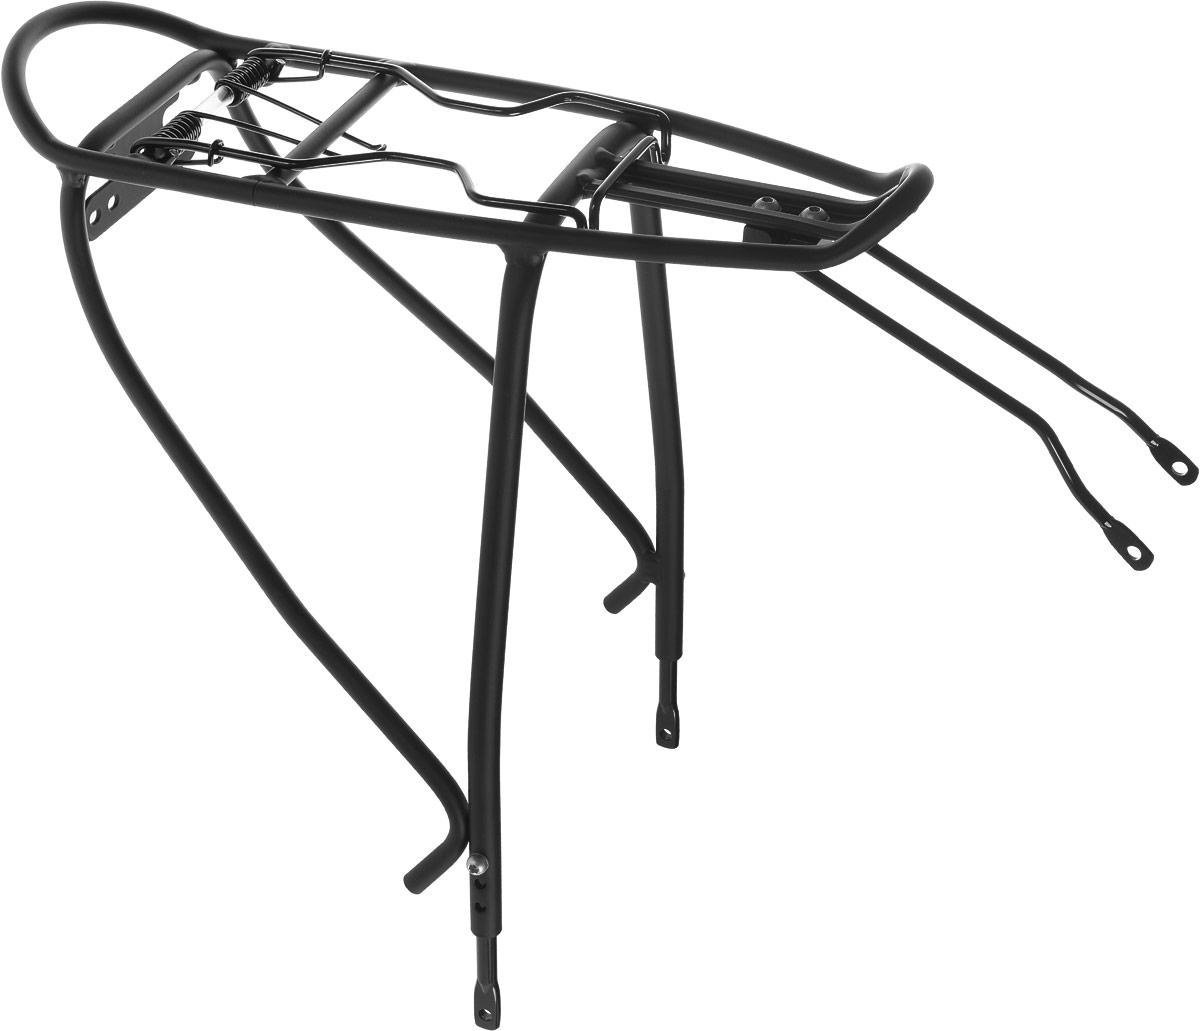 Багажник велосипедный Stern. CCAR-2NZ90 blackВелосипедный багажник Stern выполнен из высококачественного металла. Крепится изделие под седло. Предназначен багажник для моделей с размером колес 24-28. Подходит для перевозки грузов до 25 кг. В комплект входят крепления. Размер багажника: 39,5 х 22,5 х 41 см.